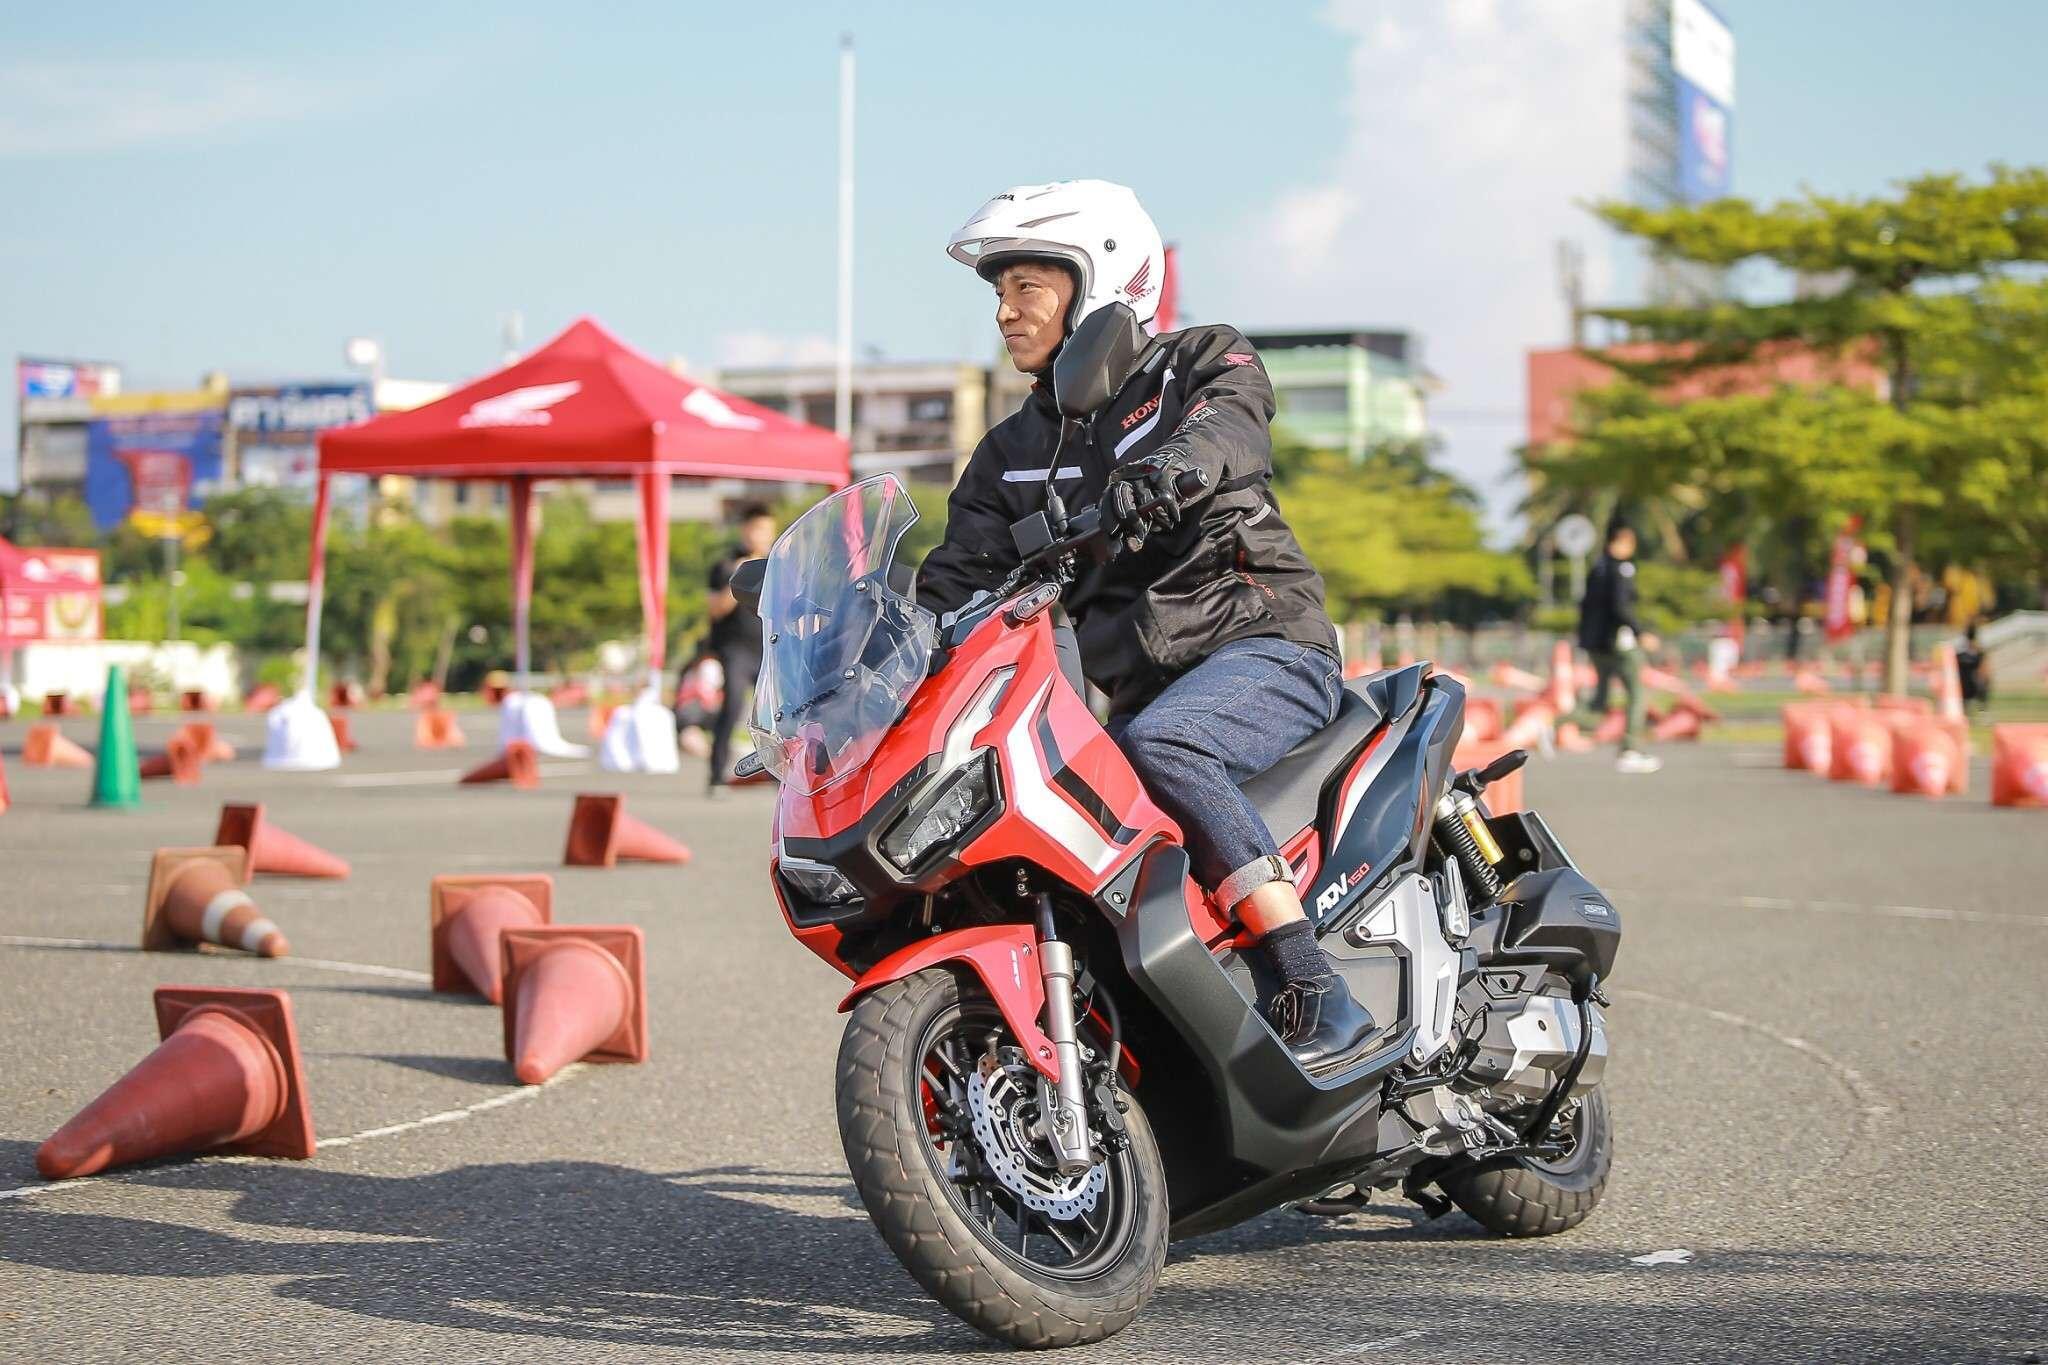 Test Drive ADV 150 By Boy ThaiGP_191028_0106